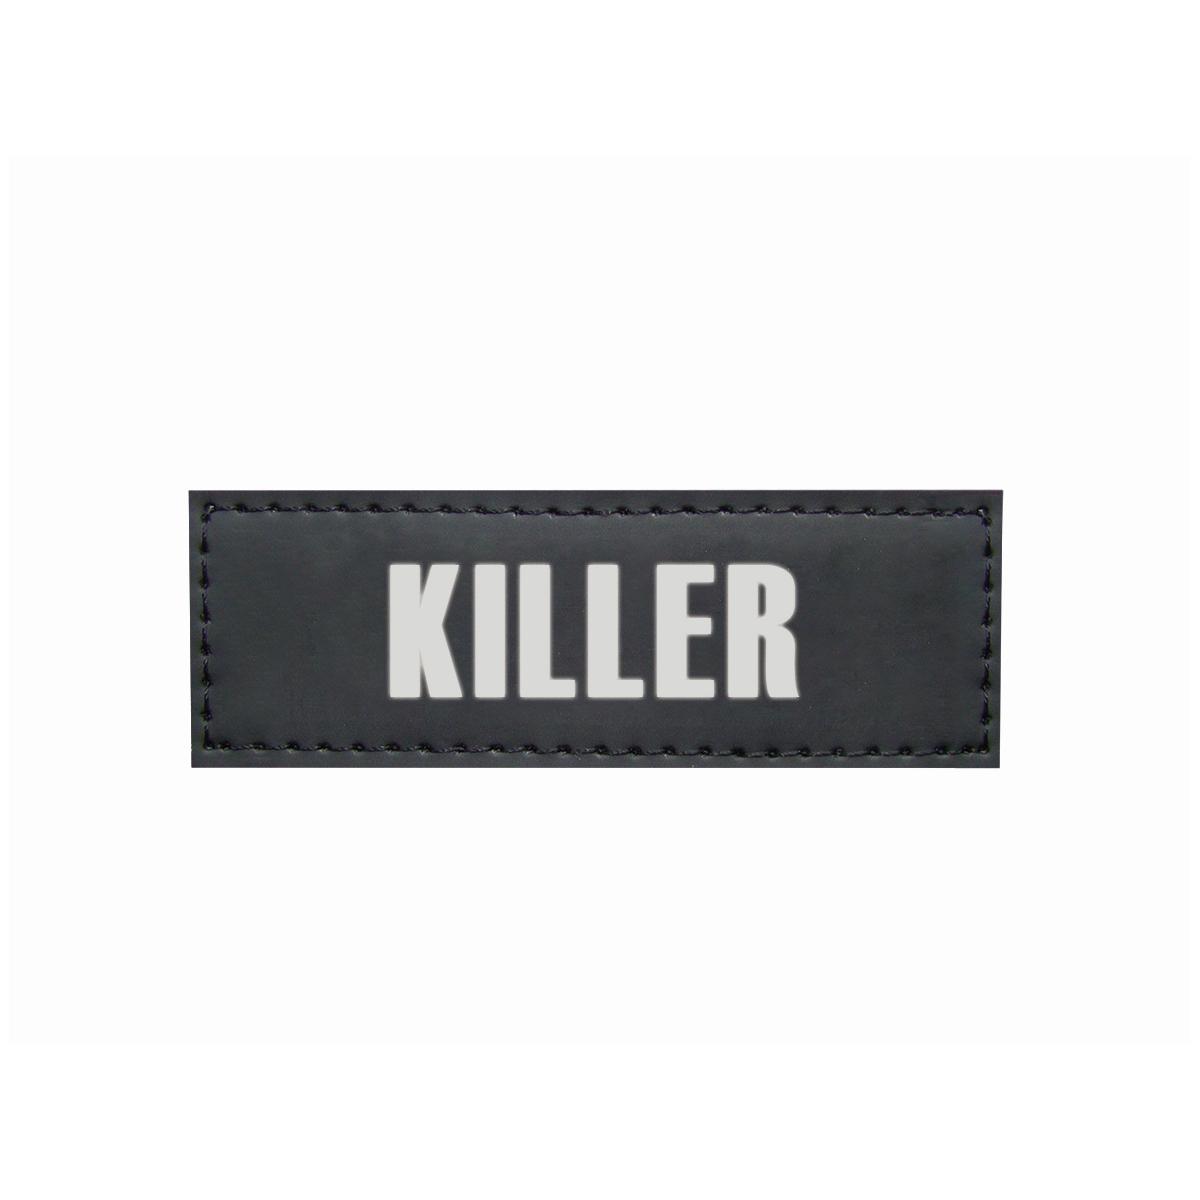 Sticker killer voor hondentuig seguro zwart